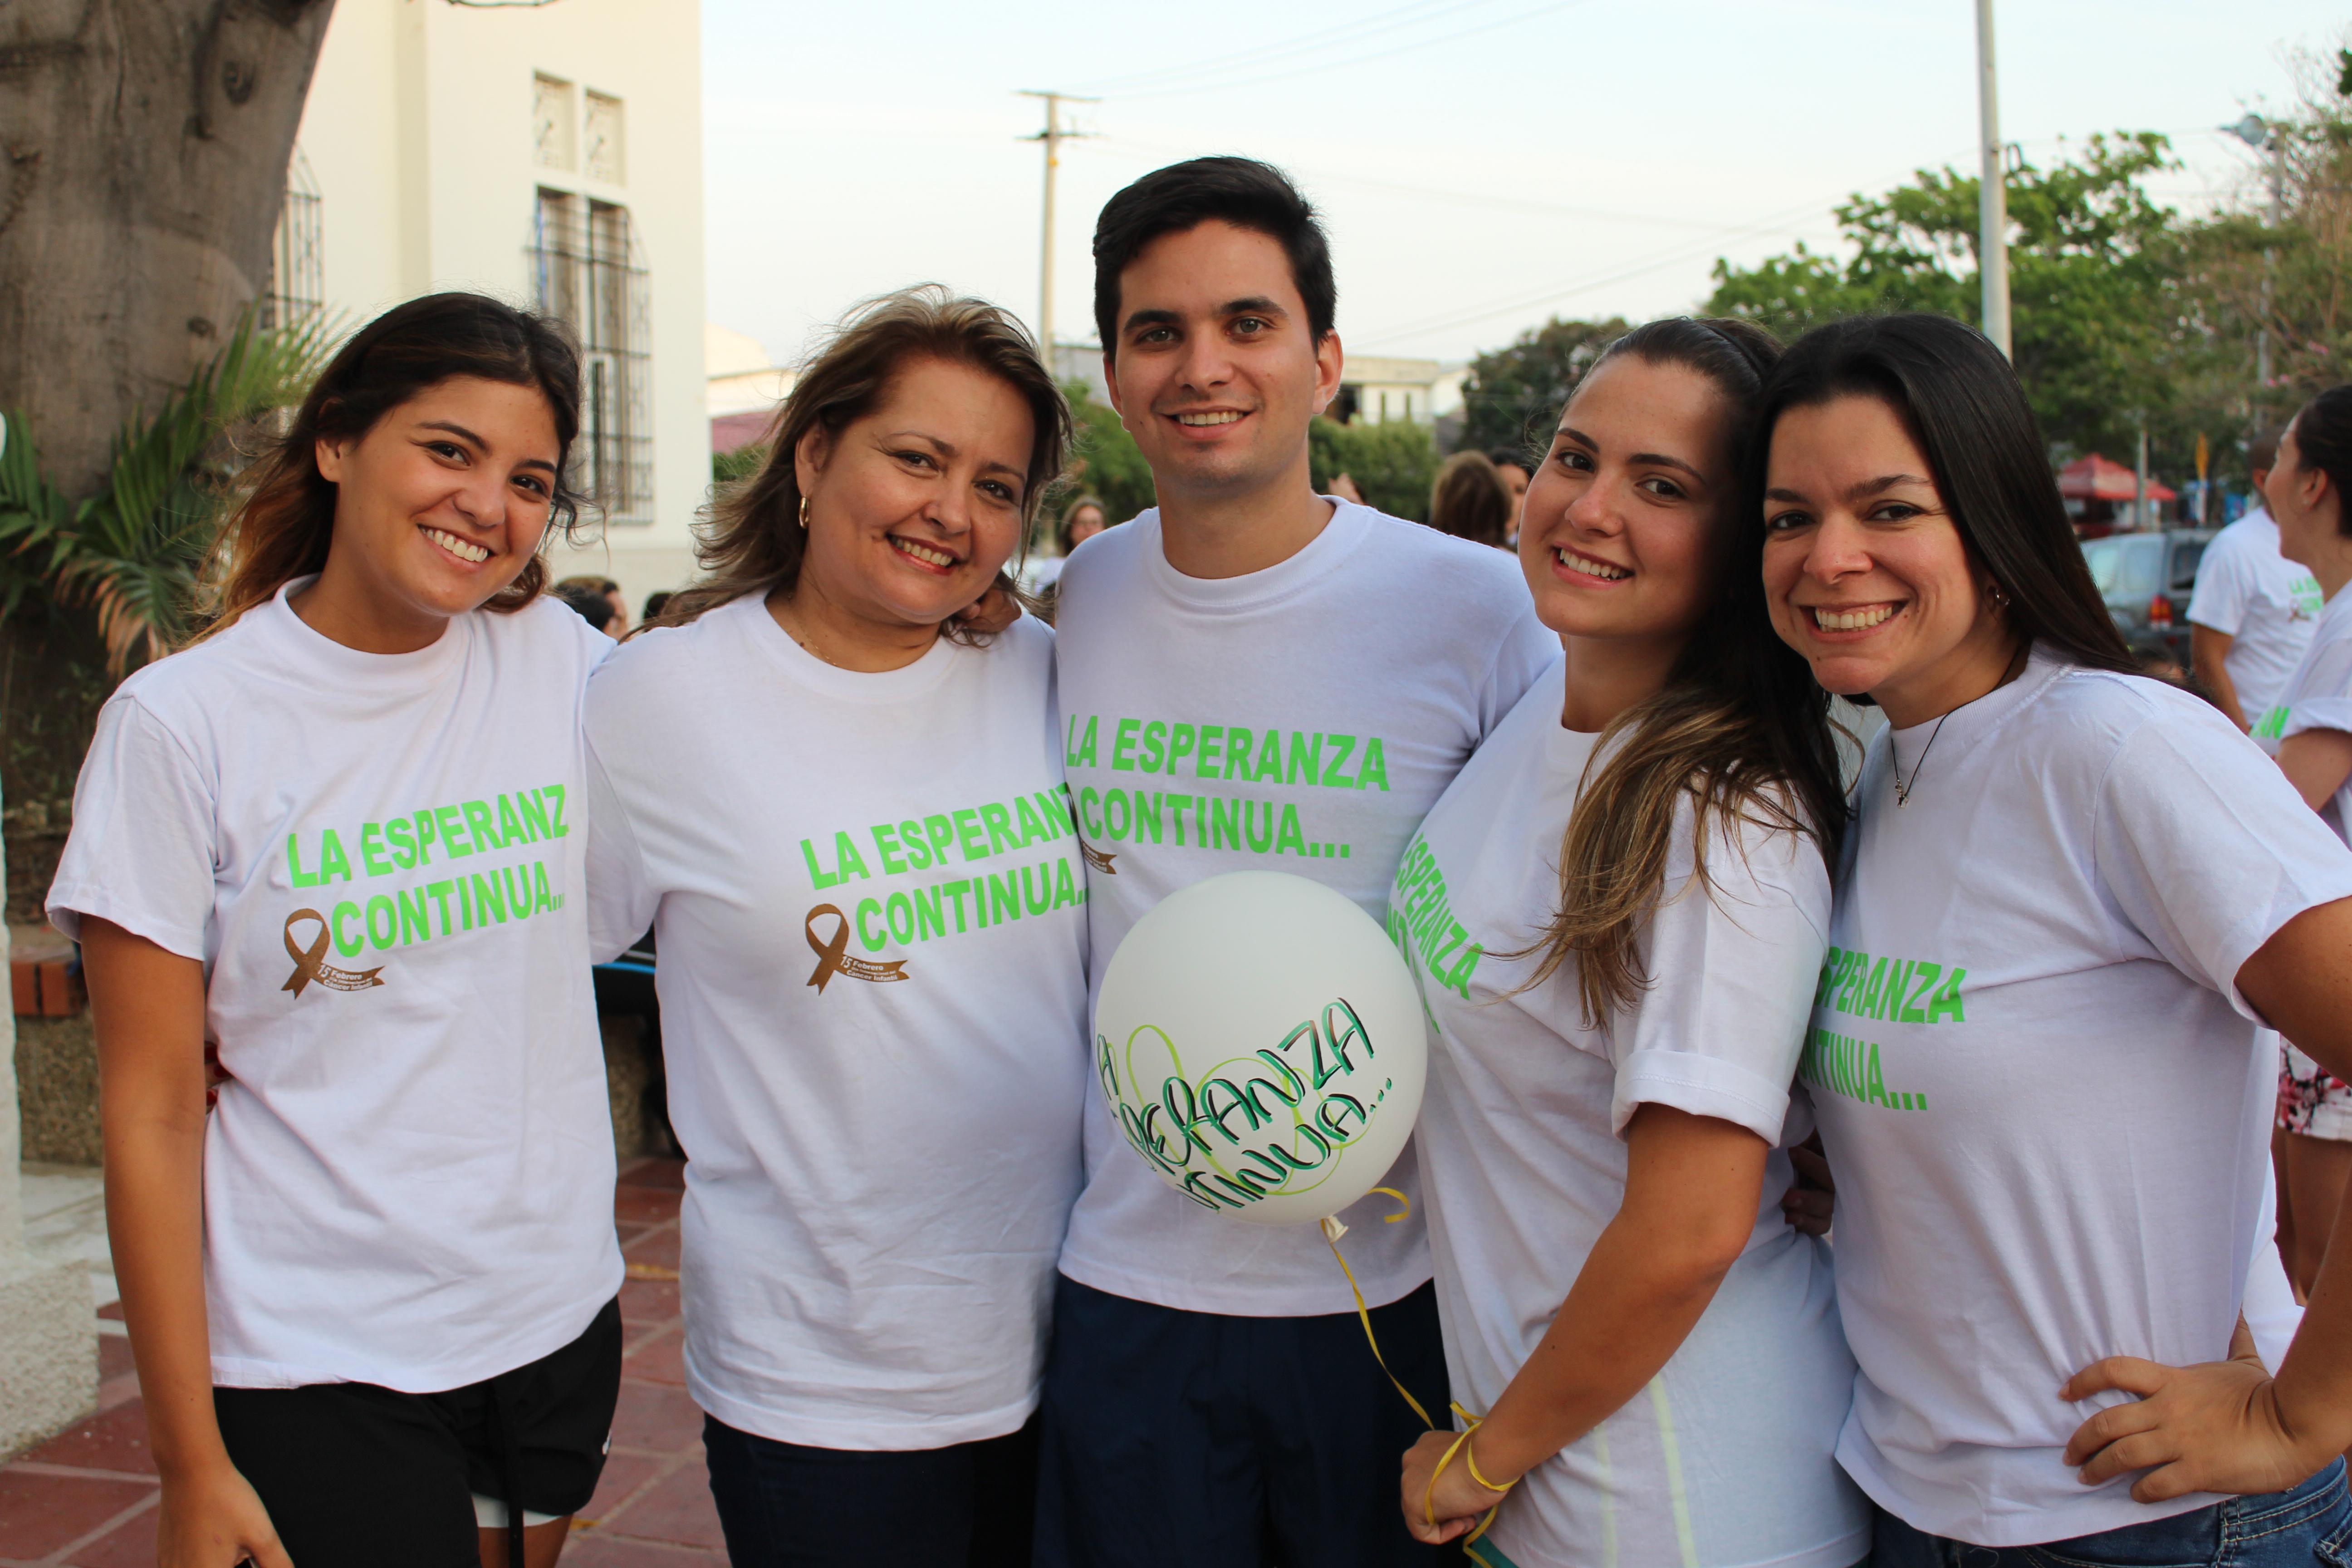 Carolina Dangond, Diana Cabrera, Ramiro Martelo, Angie Fiorillo y Ma. Angelica Fiorillo